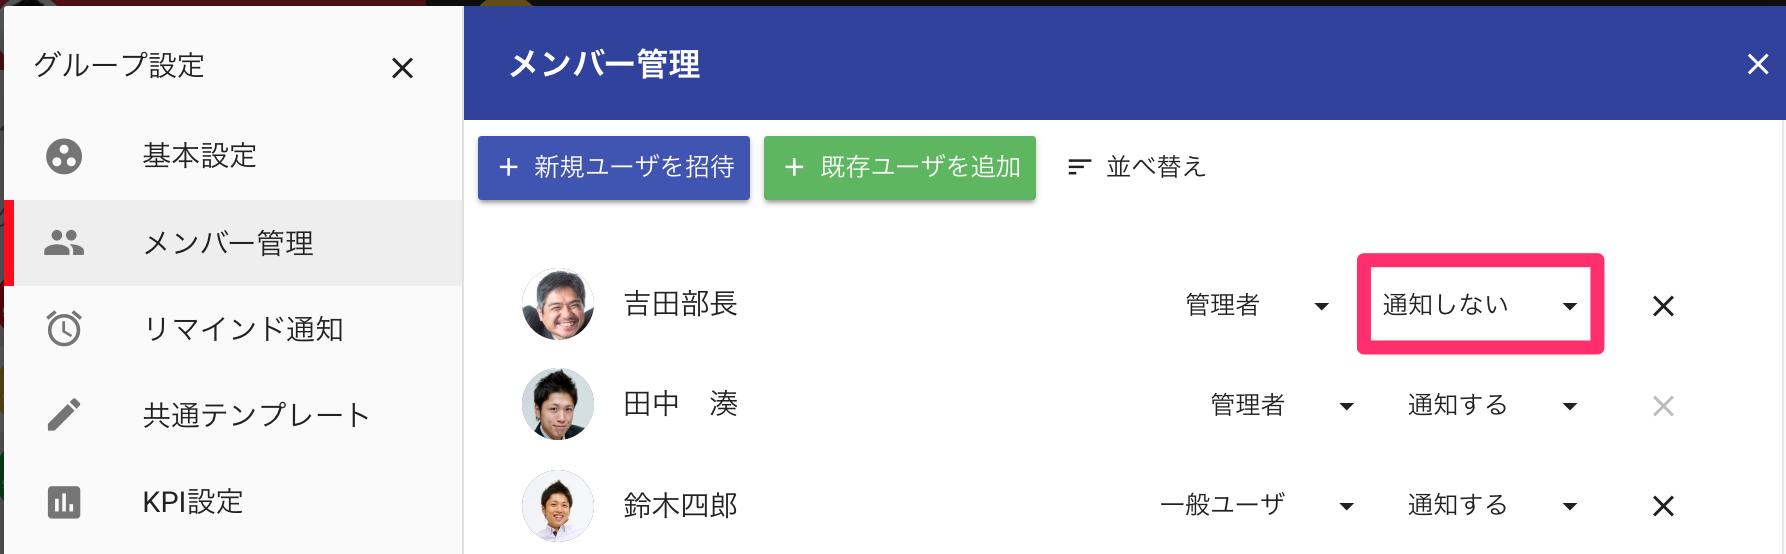 1_営業部_-_gamba_